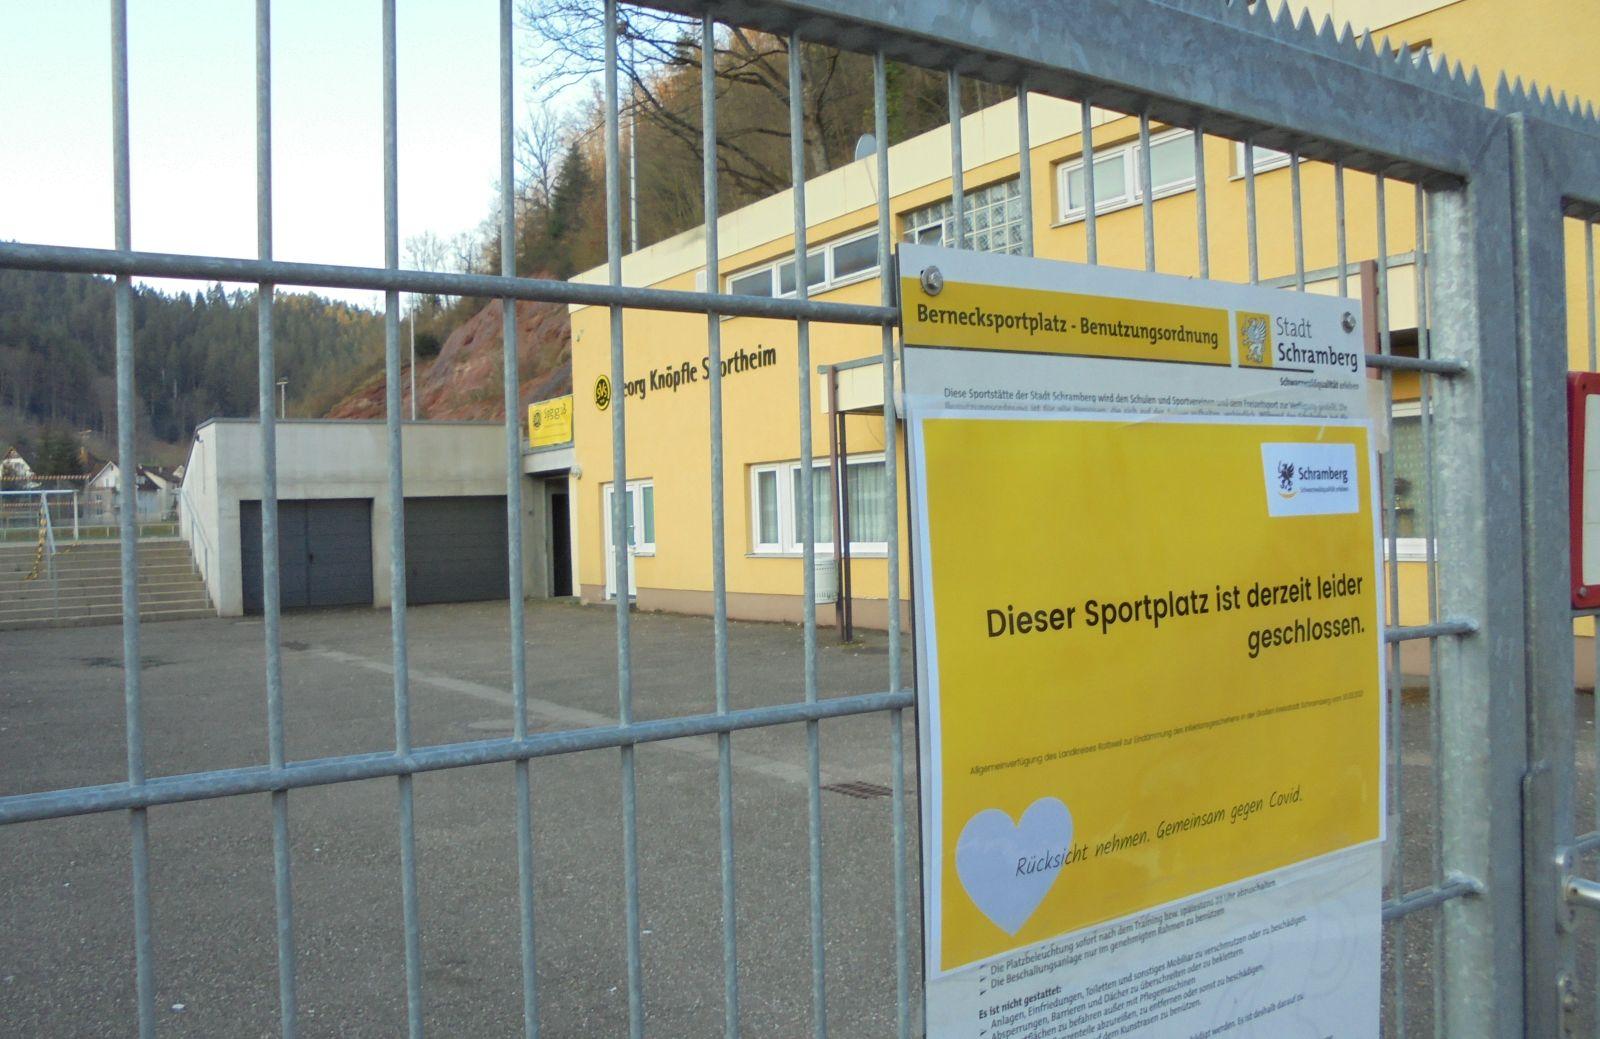 Neben den Spielplätzen hat die Stadt auch alle Sportplätze gesperrt. Foto: him